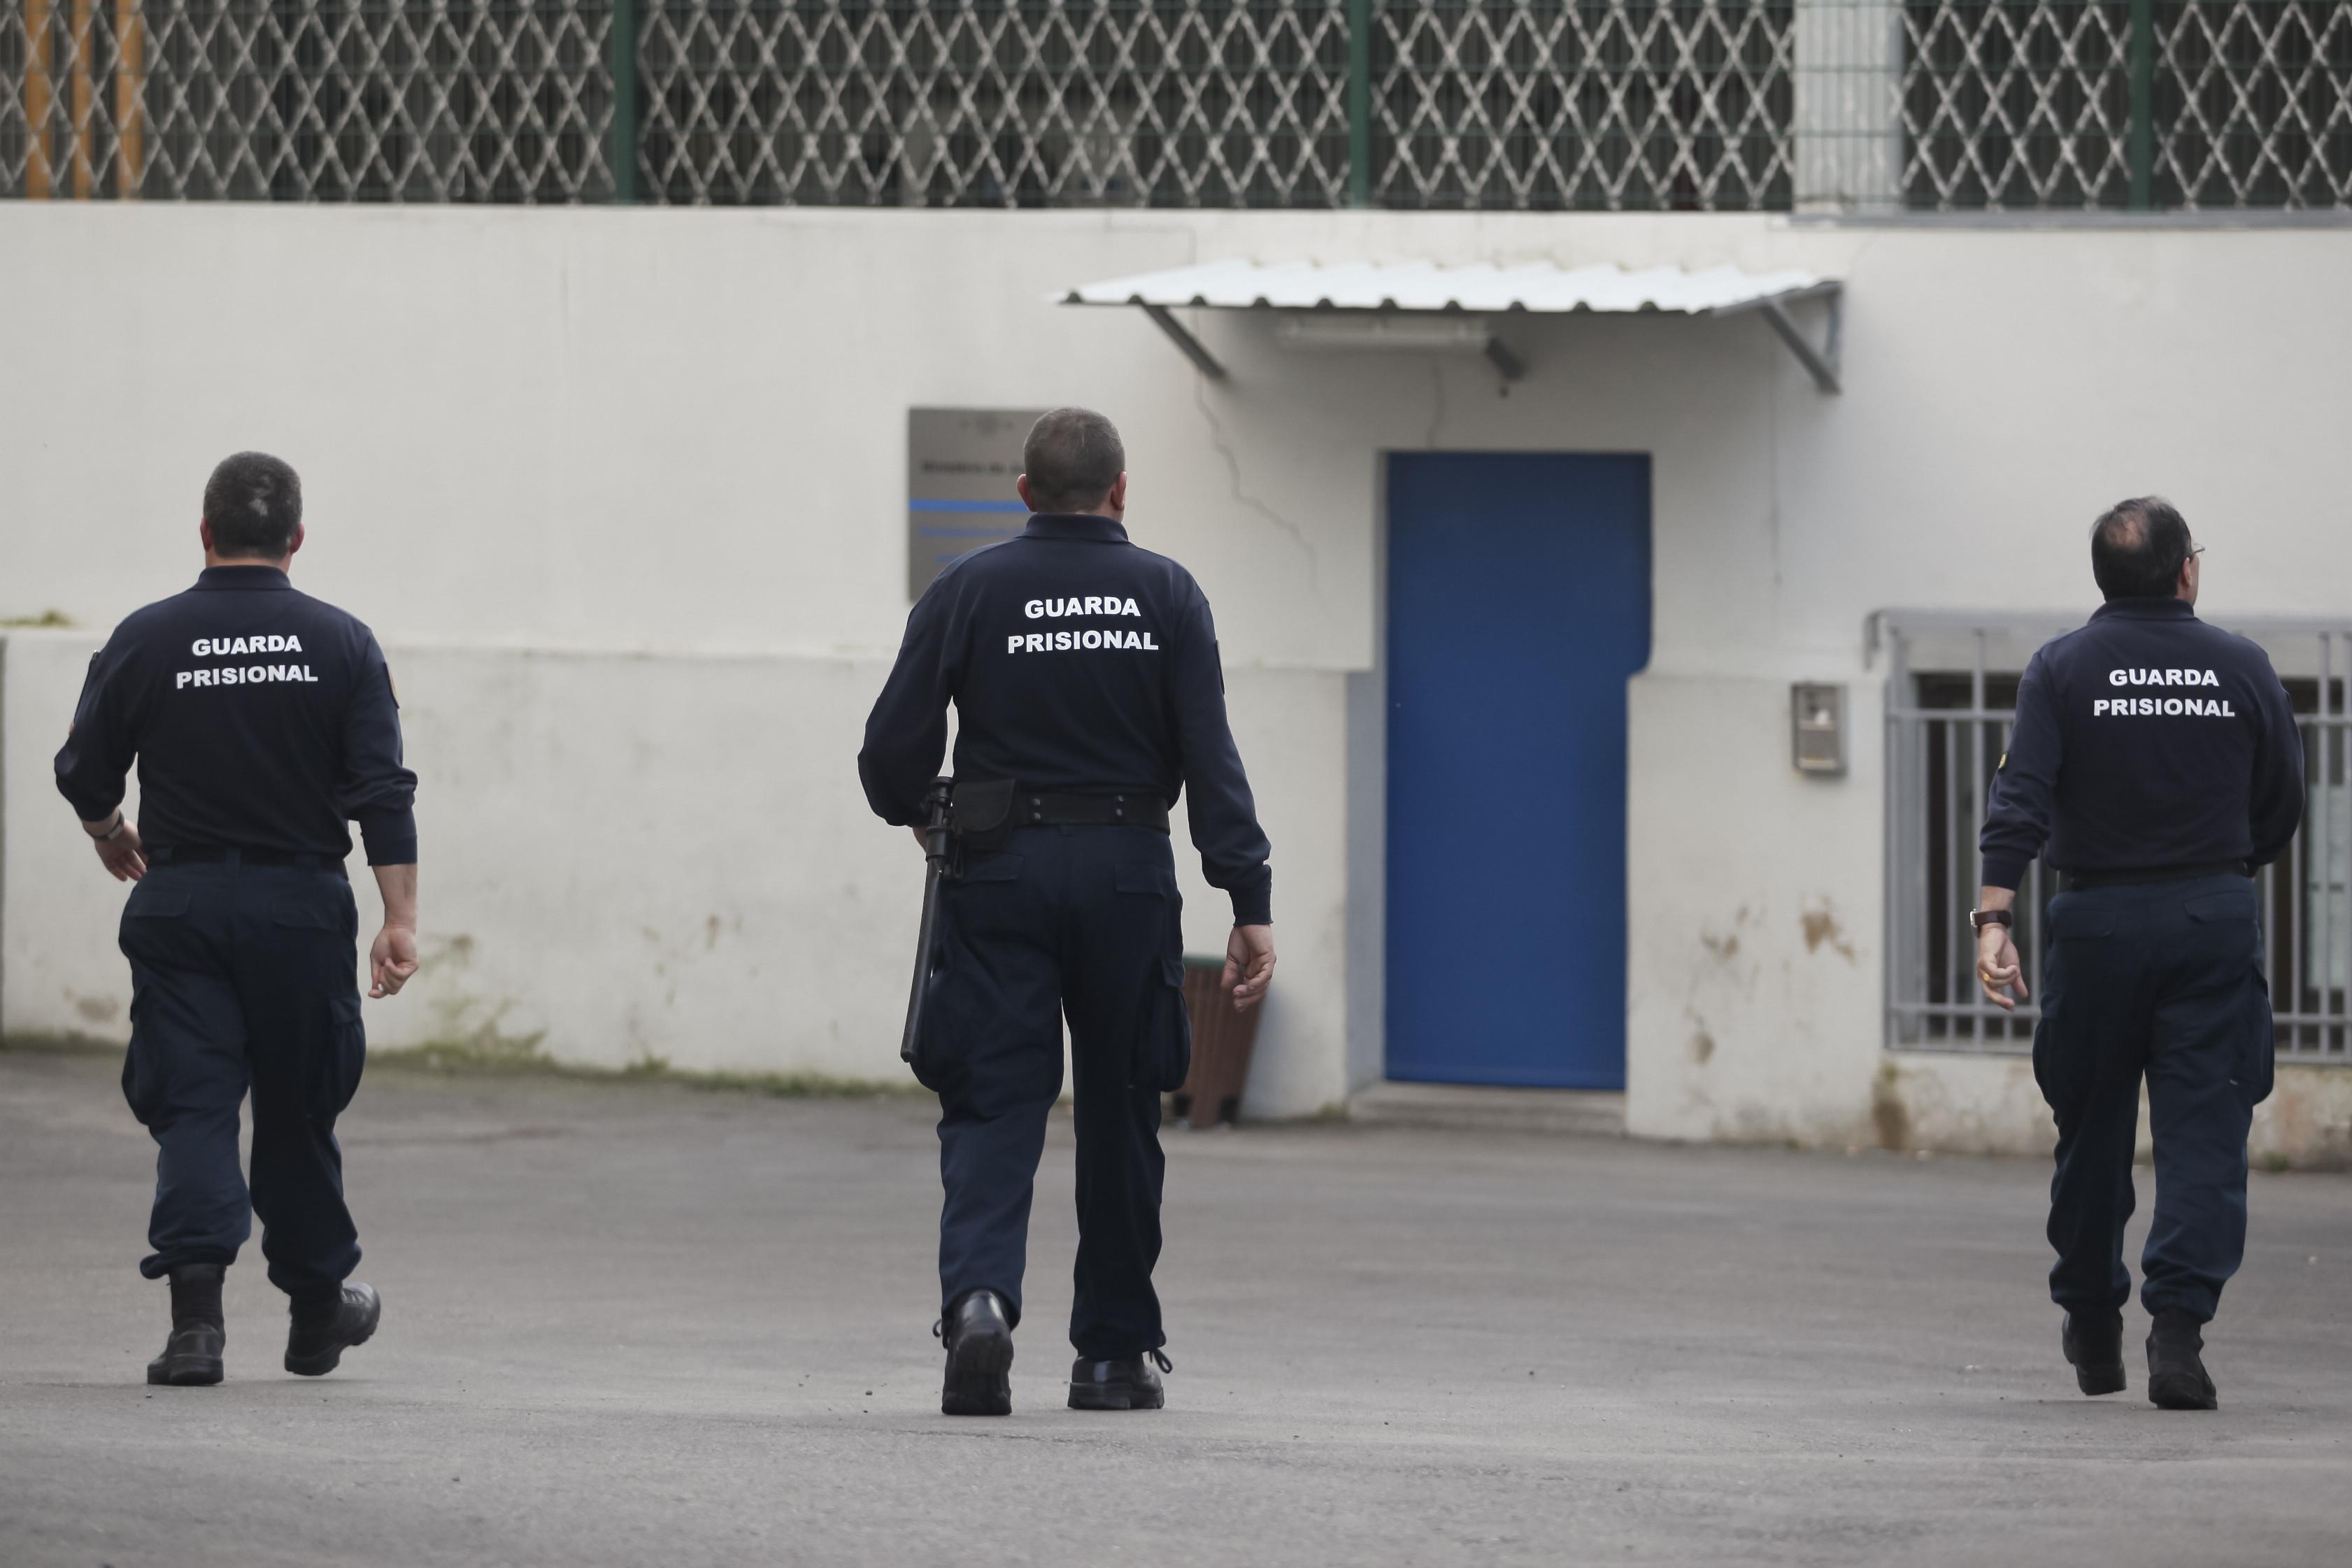 """Guardas prisionais """"dispostos a ir até ao fim para defender interesses"""""""